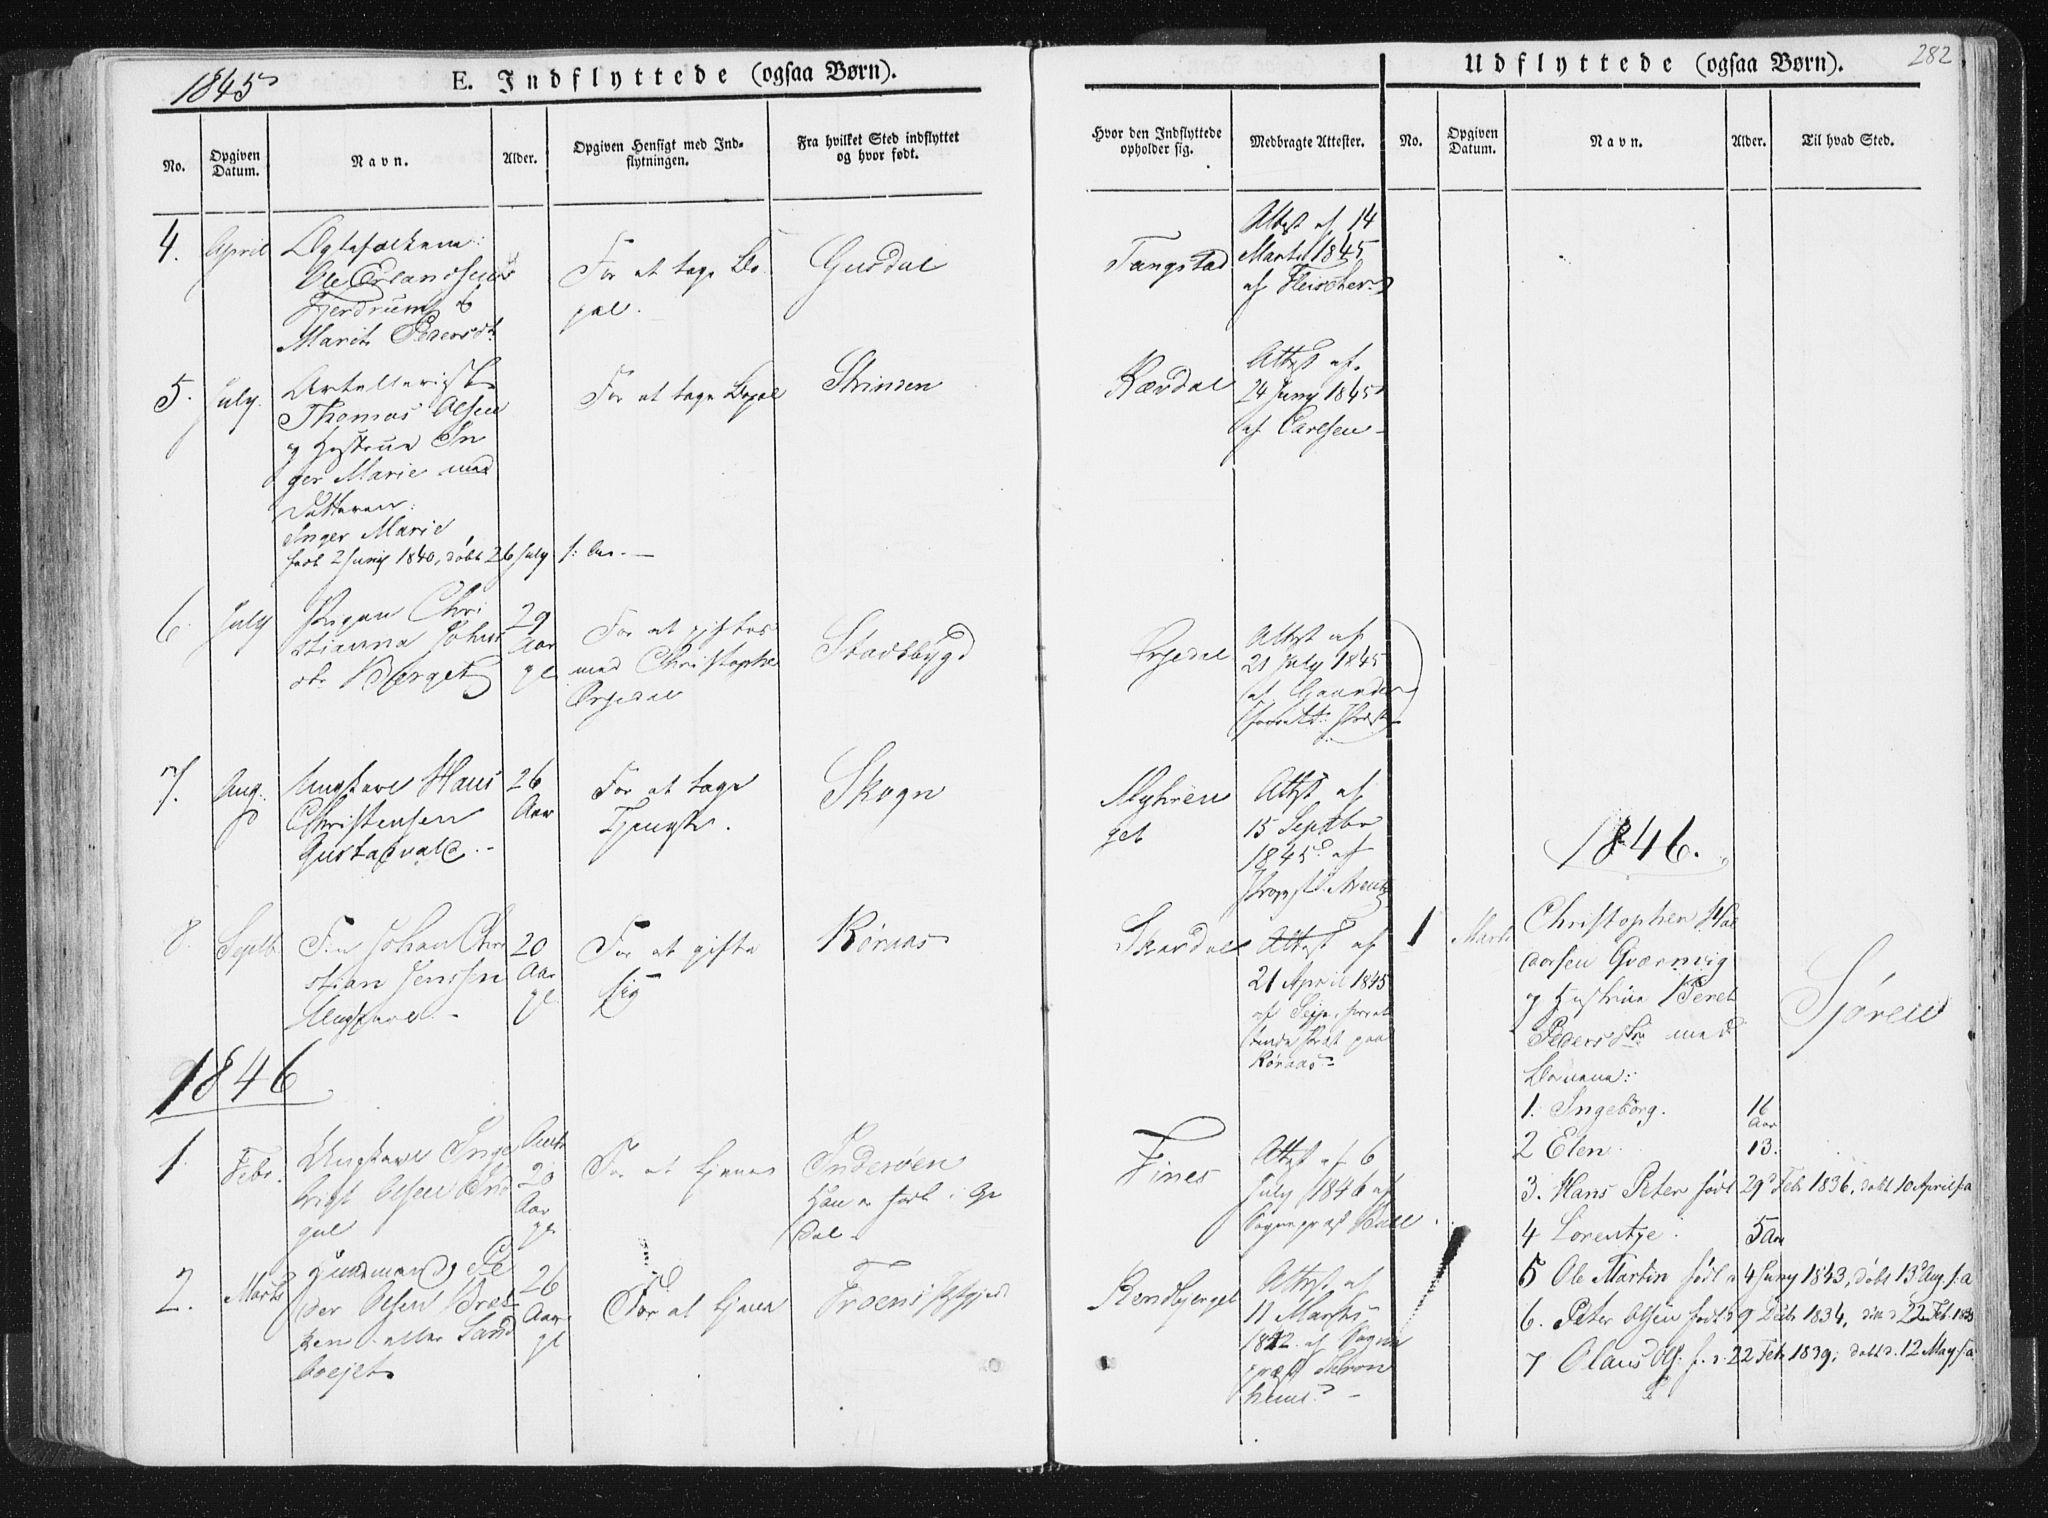 SAT, Ministerialprotokoller, klokkerbøker og fødselsregistre - Nord-Trøndelag, 744/L0418: Ministerialbok nr. 744A02, 1843-1866, s. 282